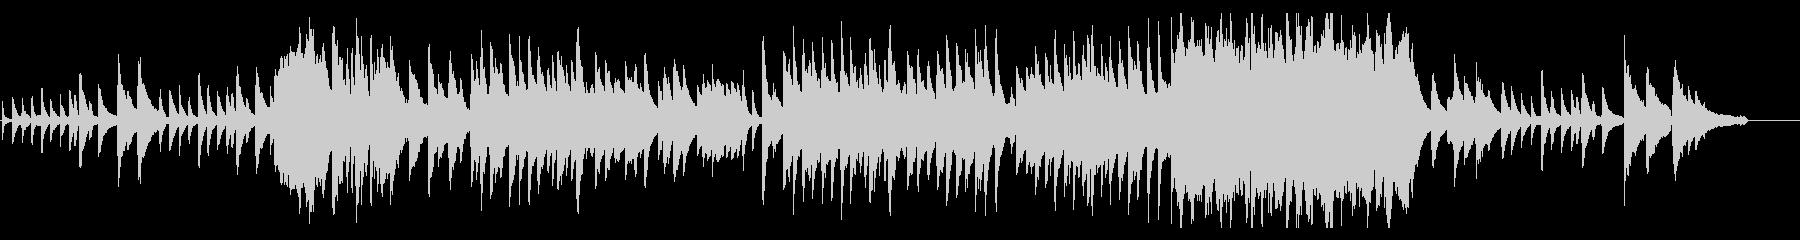 Piano solo Calm atmosphere's unreproduced waveform